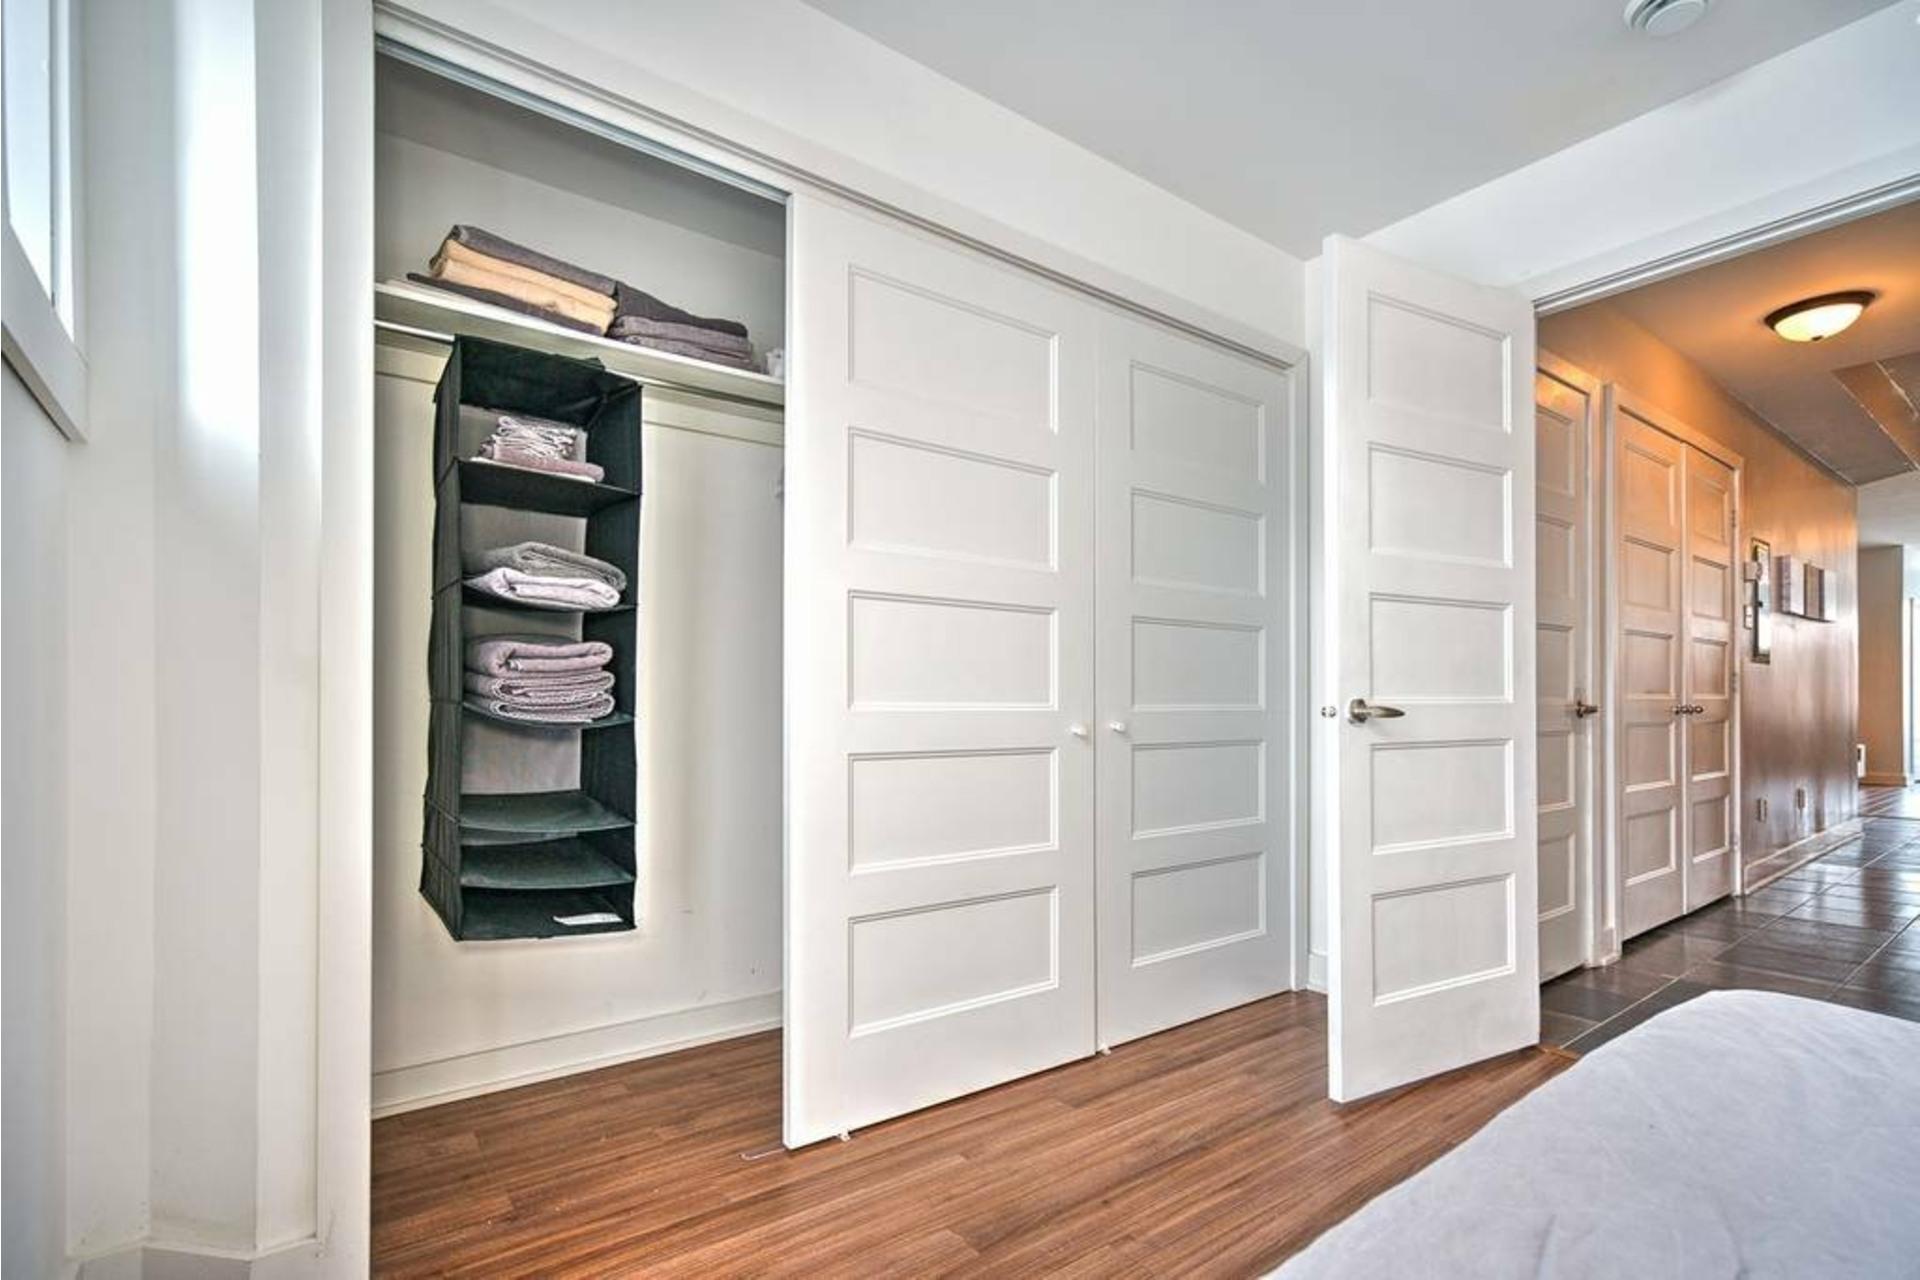 image 4 - Appartement À louer Côte-des-Neiges/Notre-Dame-de-Grâce Montréal  - 4 pièces